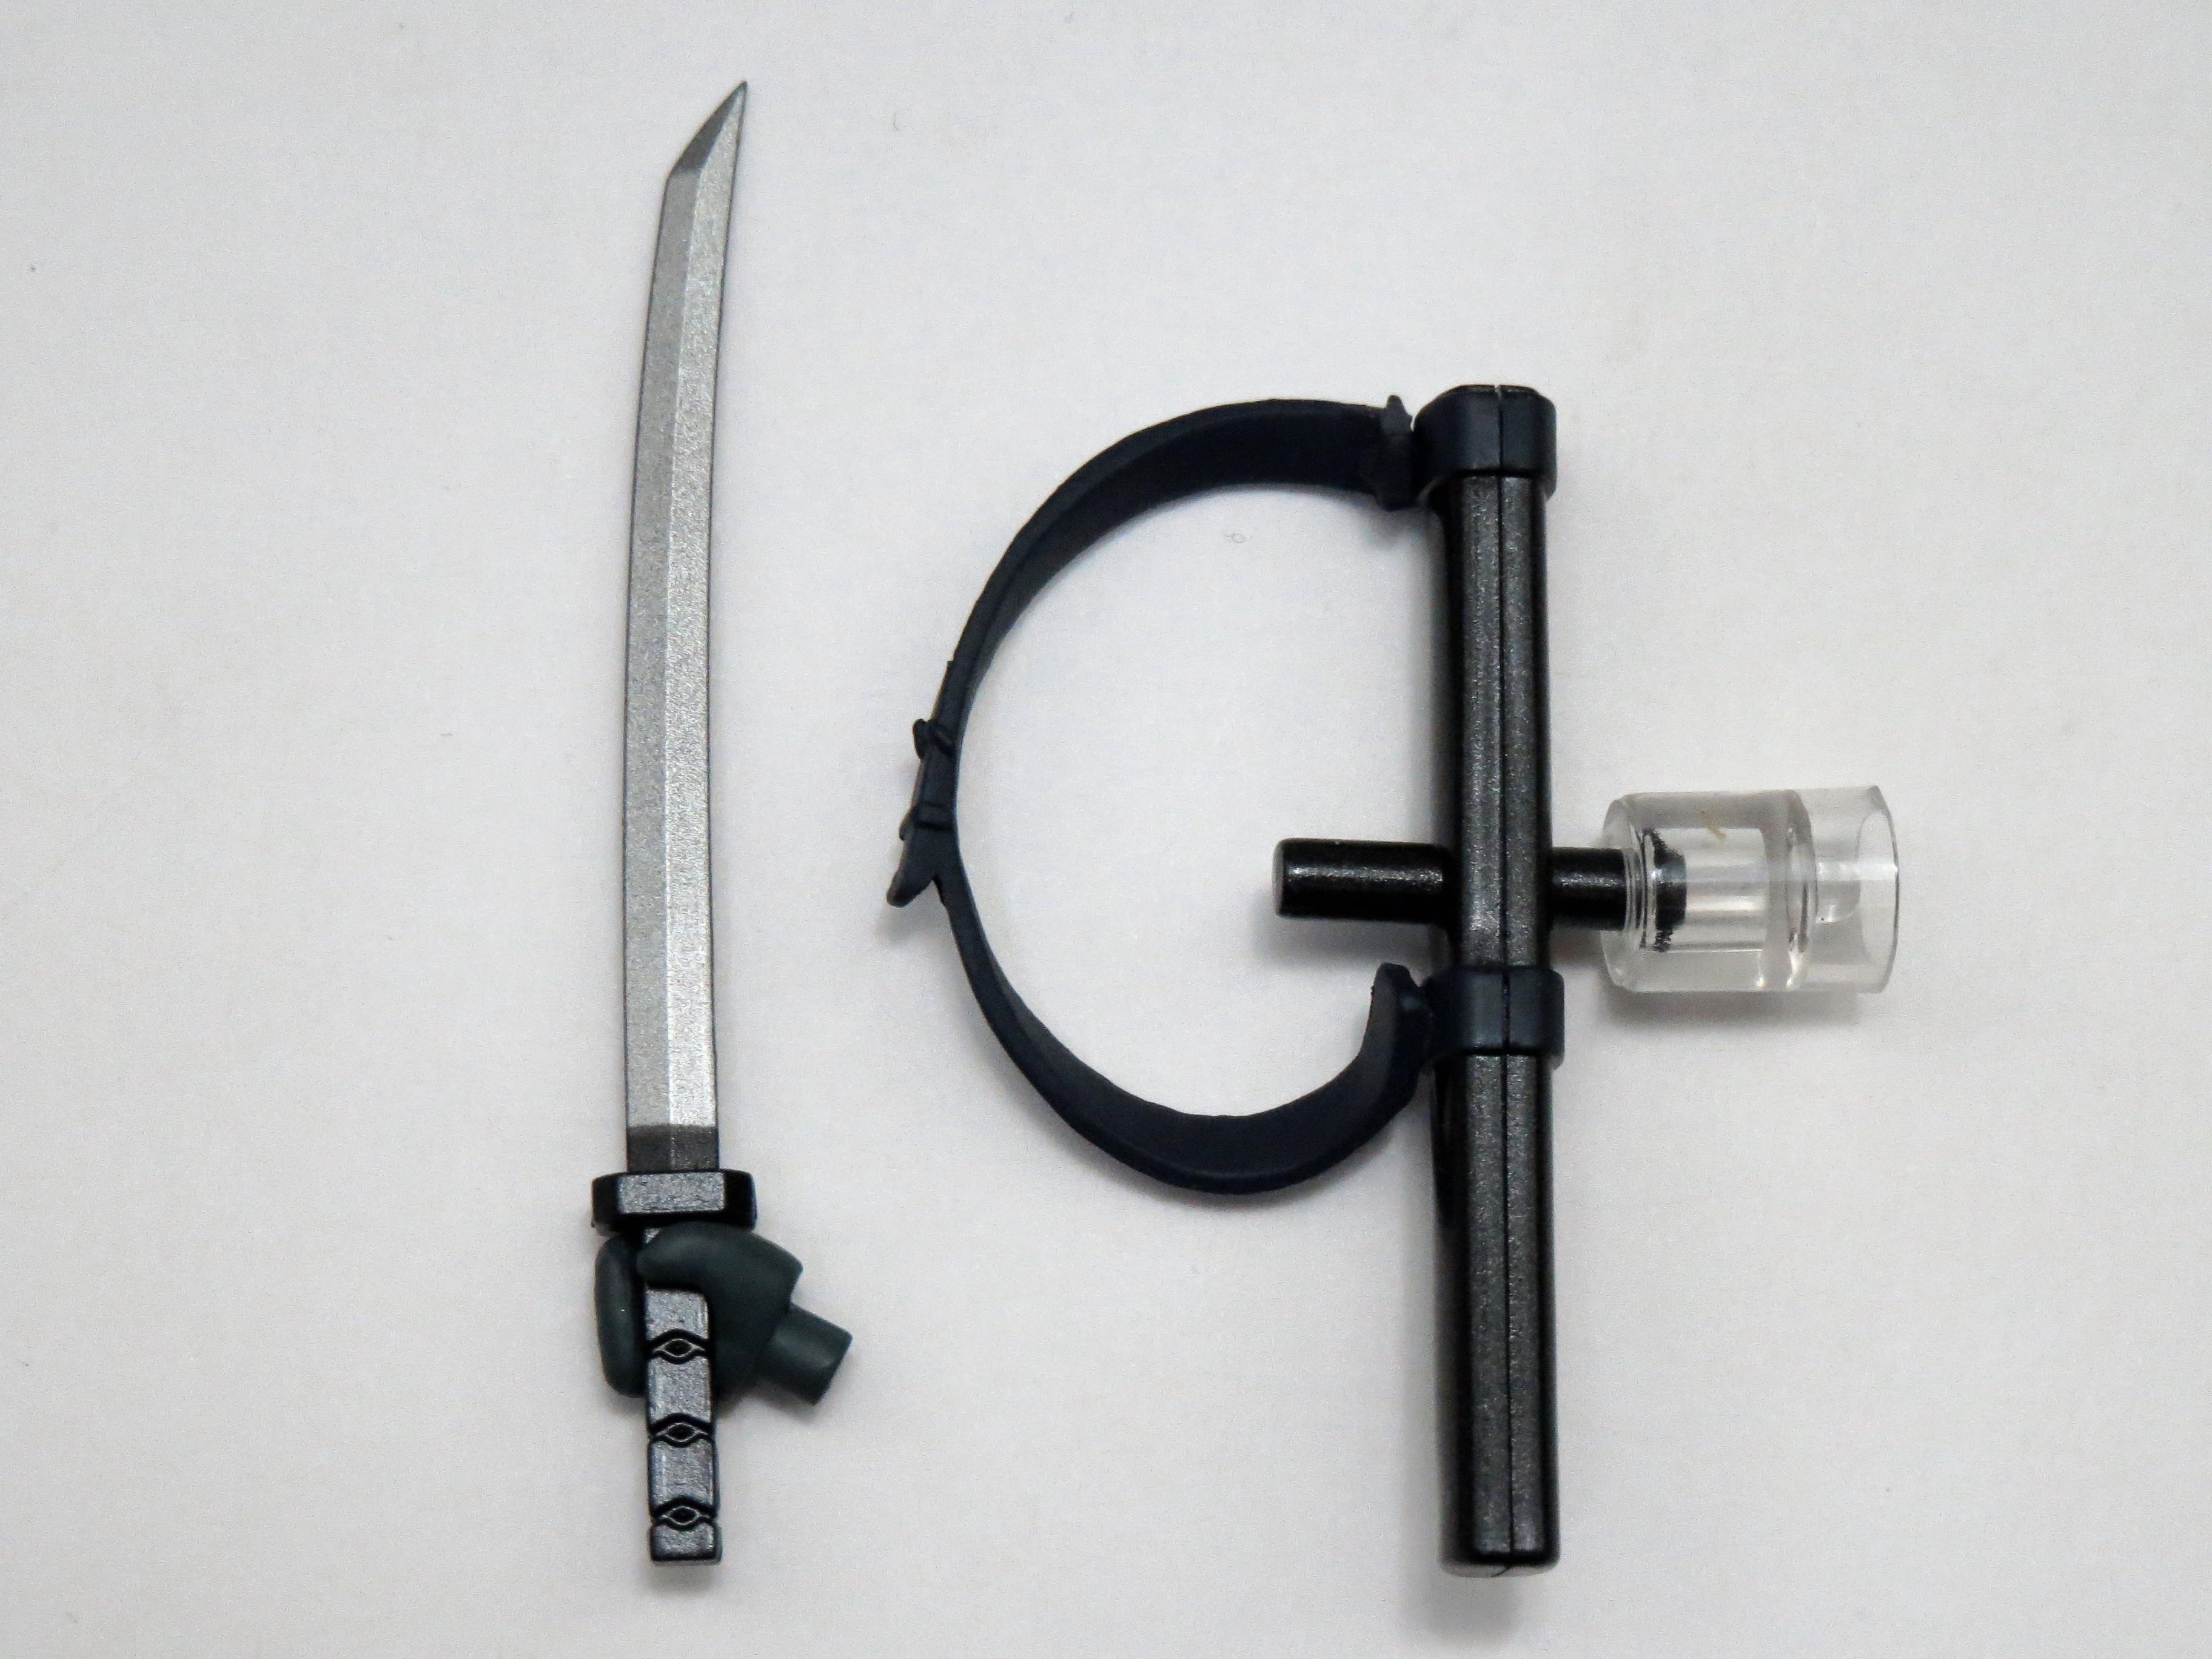 再入荷【538】 雷電 MGS2Ver. 小物パーツ 刀と鞘 ねんどろいど